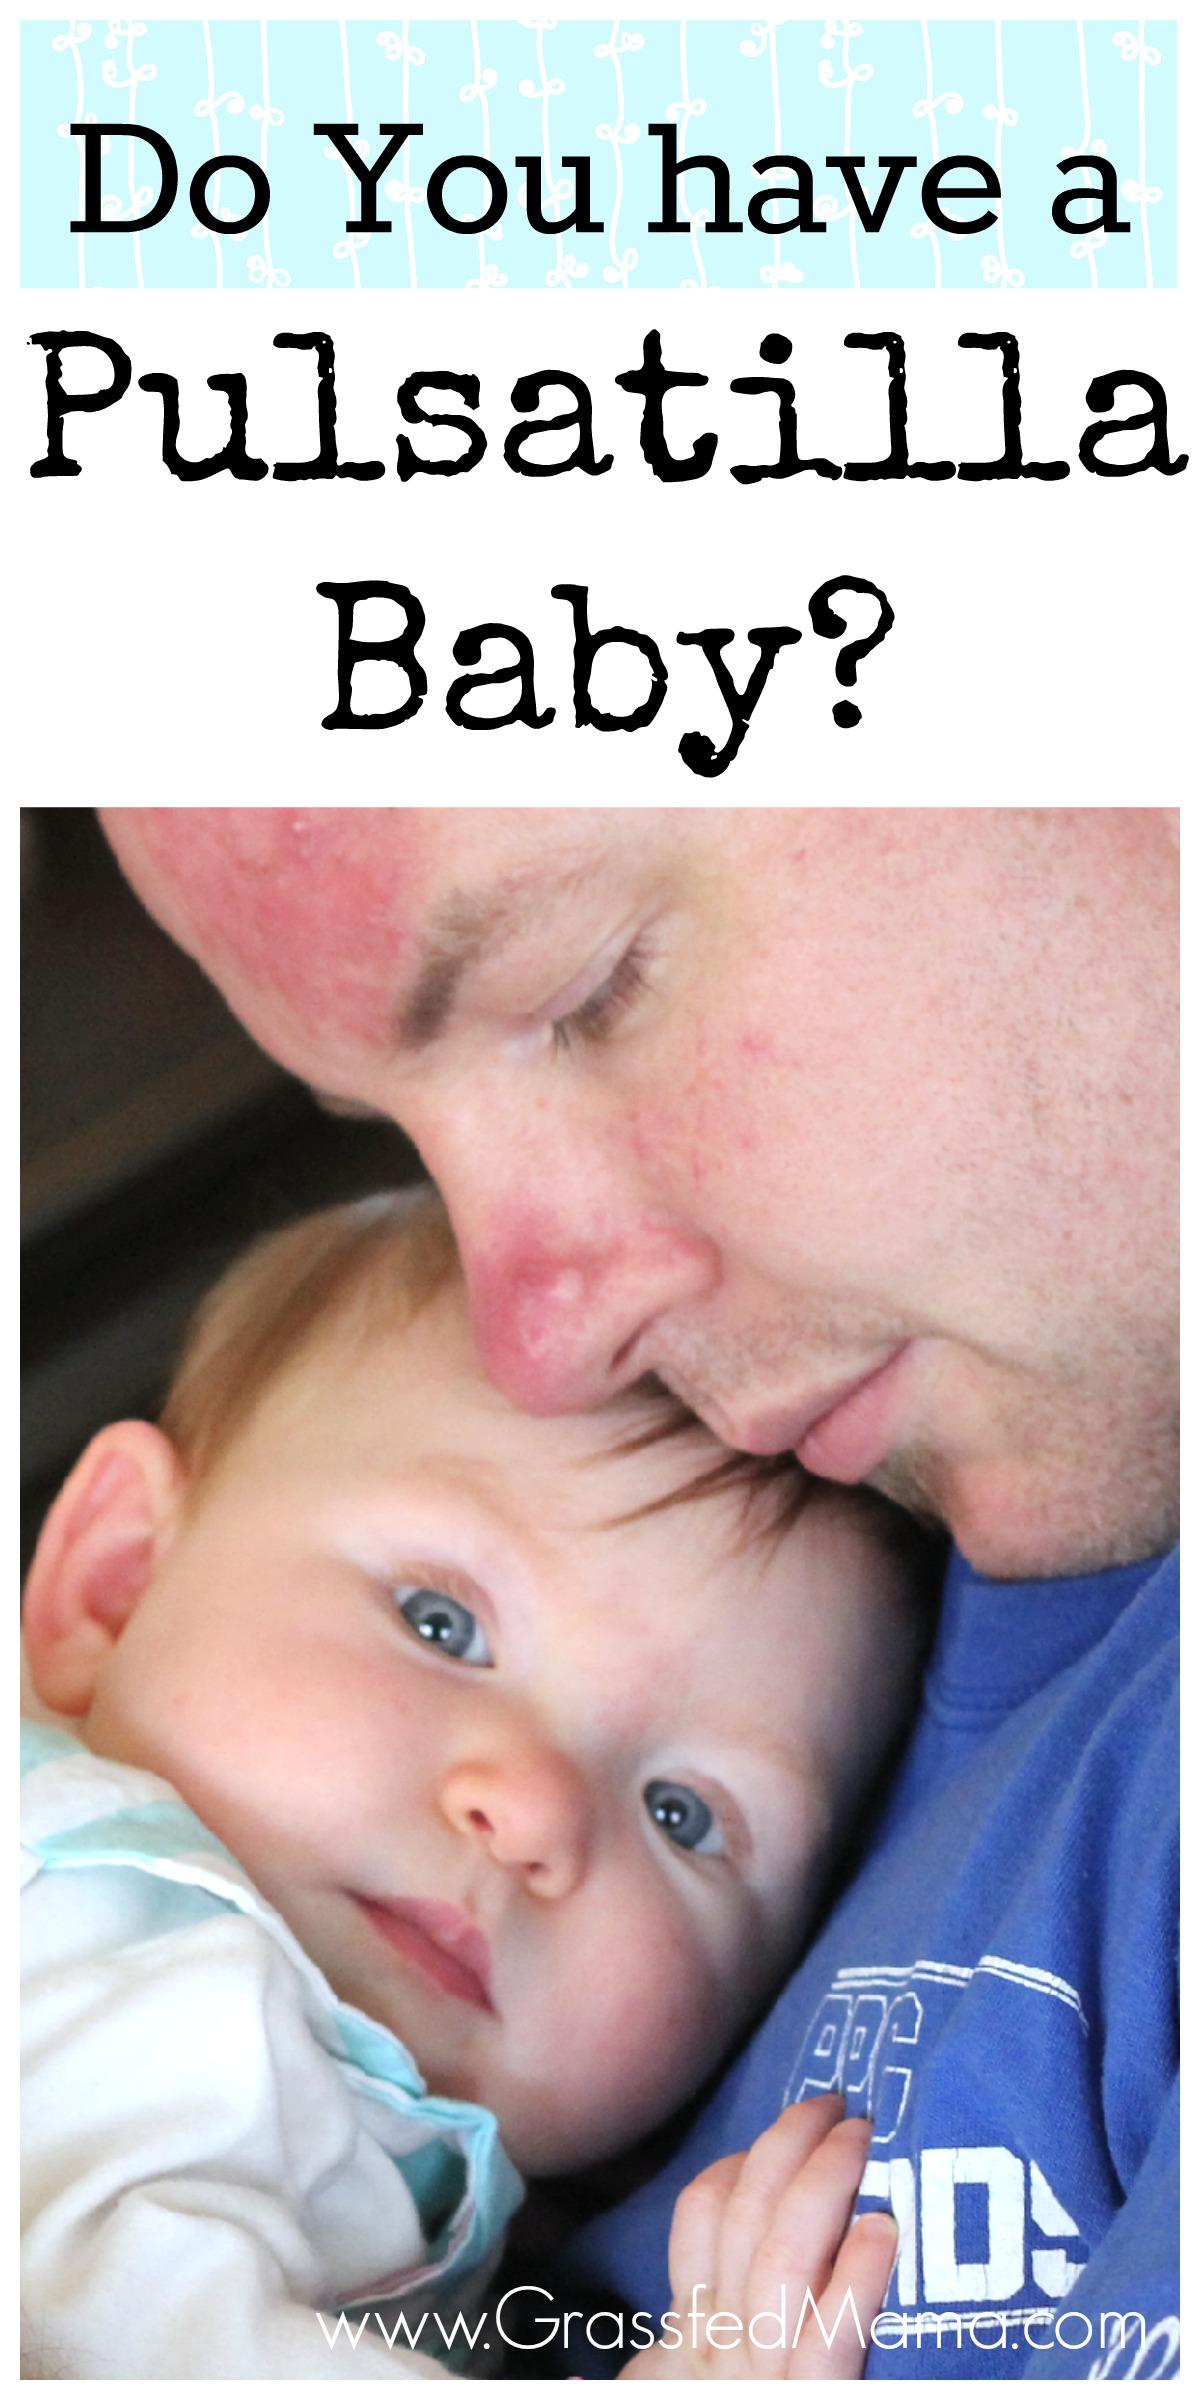 Do you have a Pulsatilla Baby?